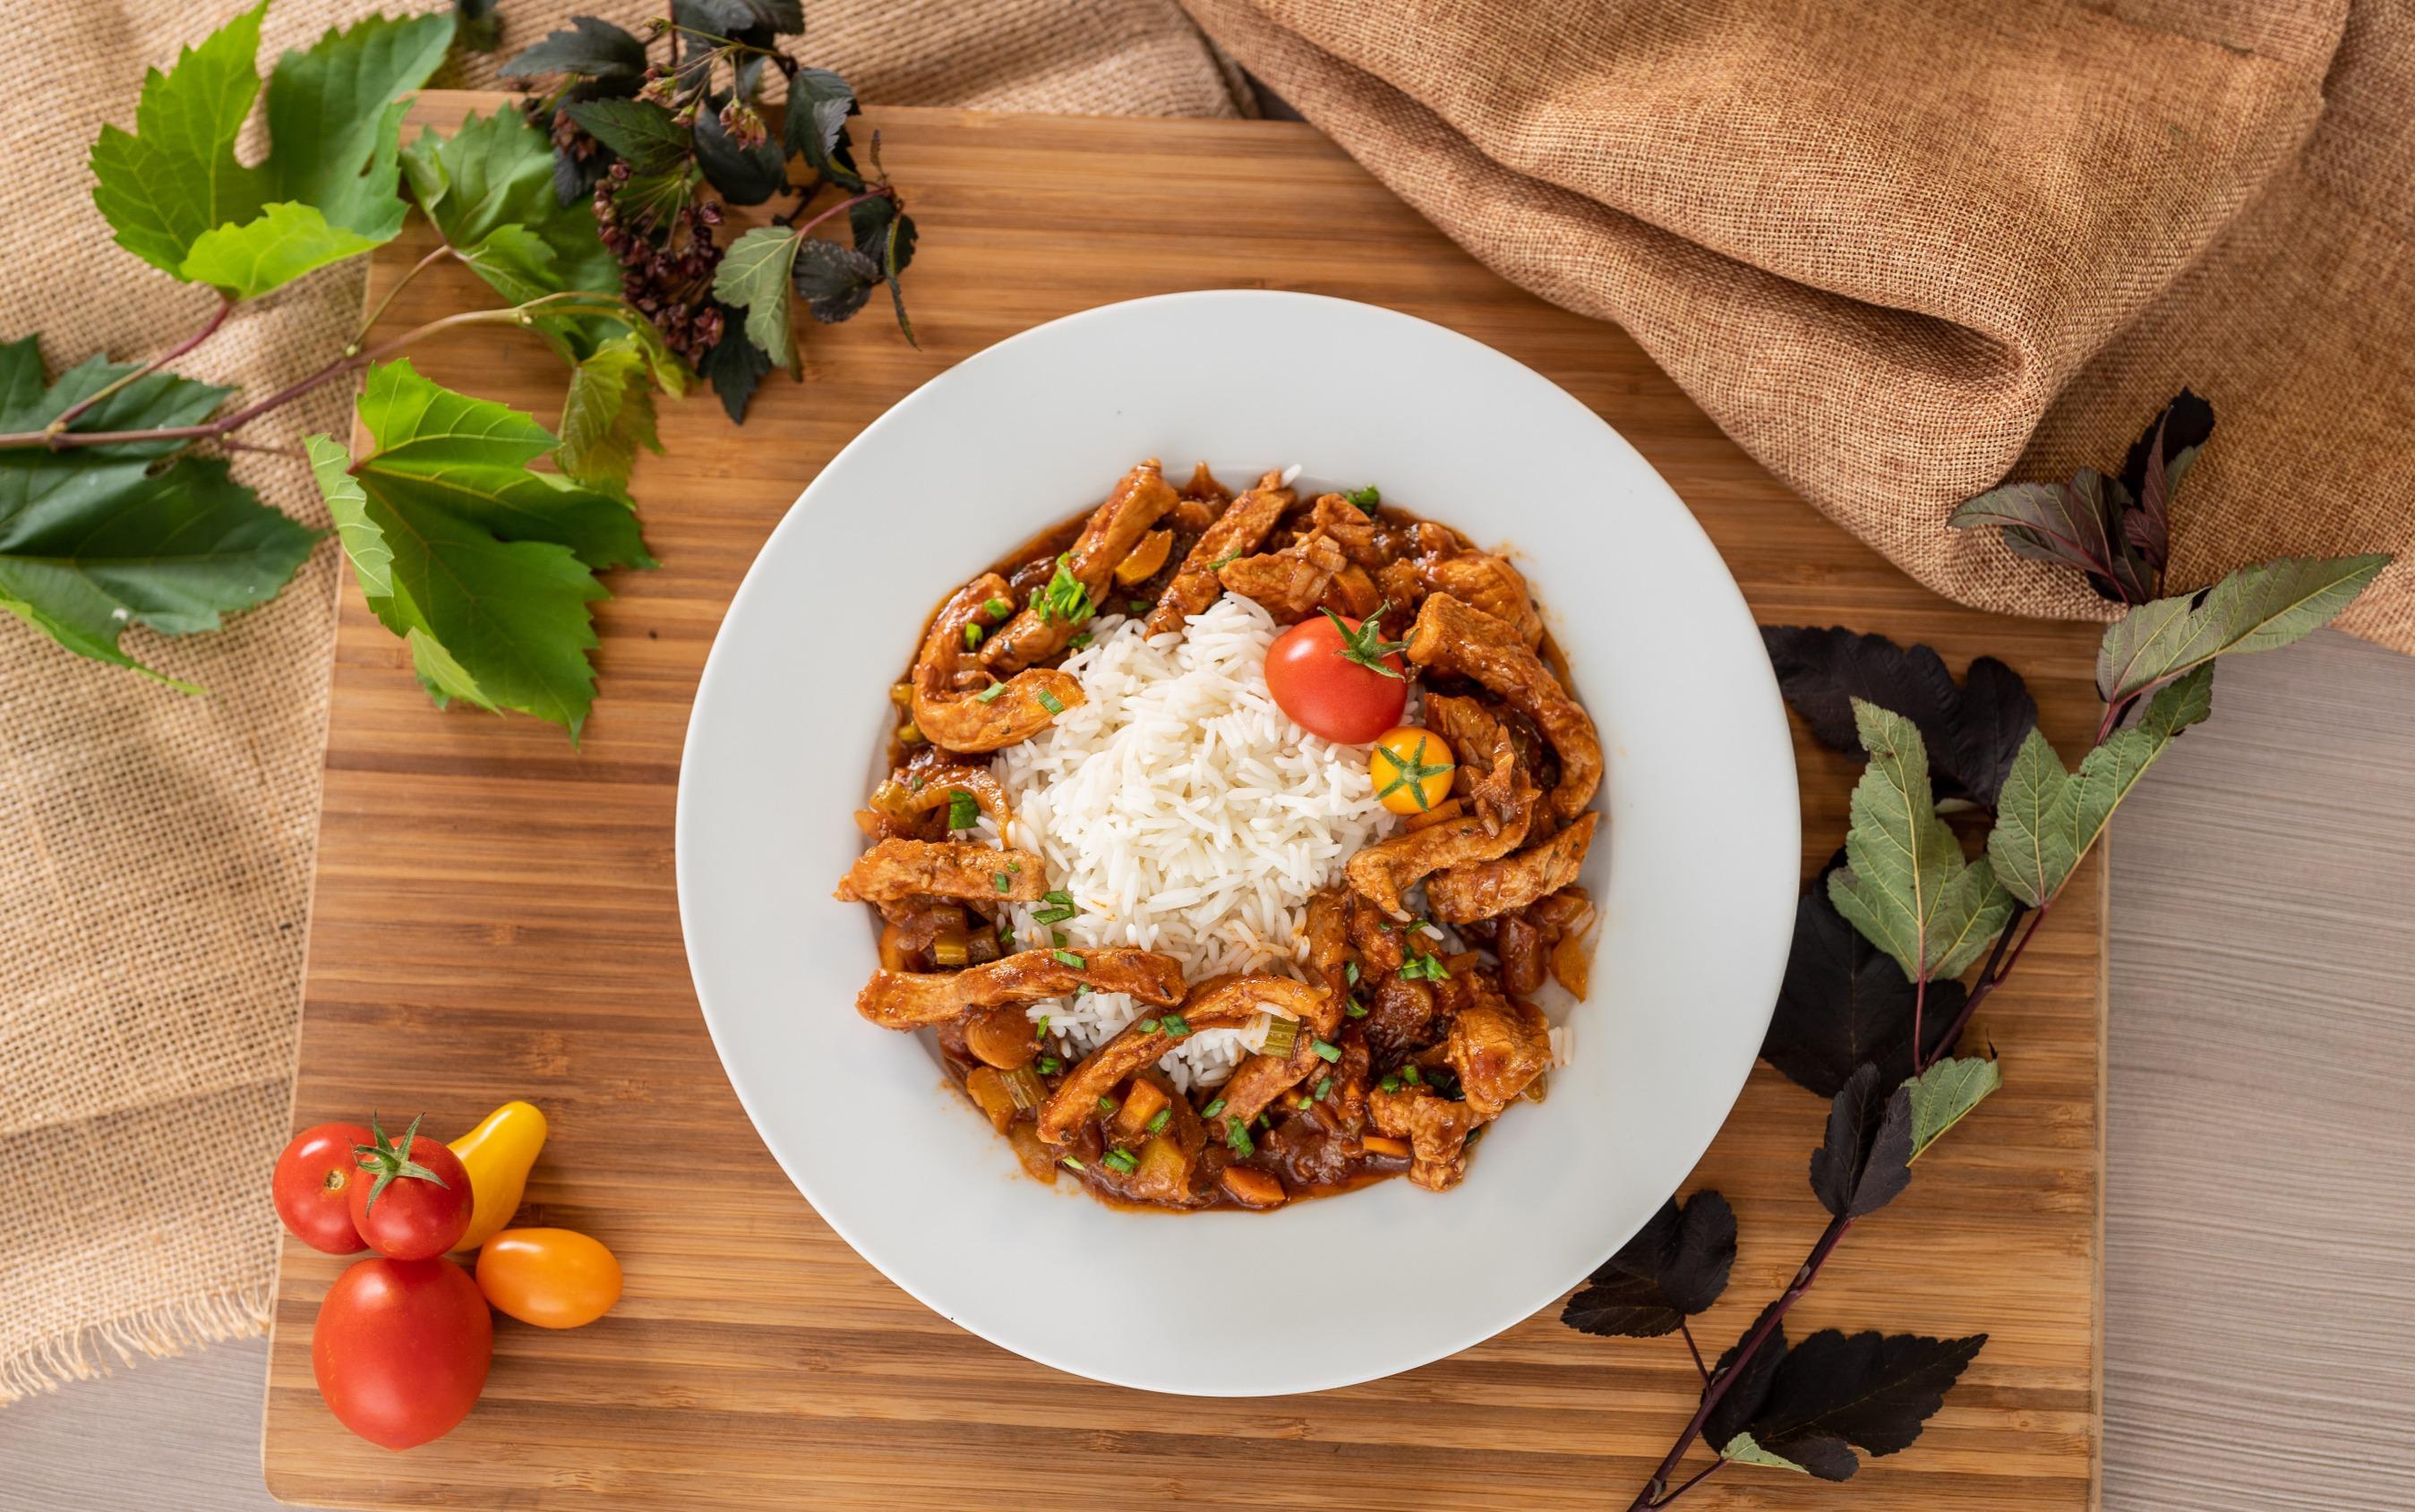 Vepřové nudličky s basmati parboiled rýží